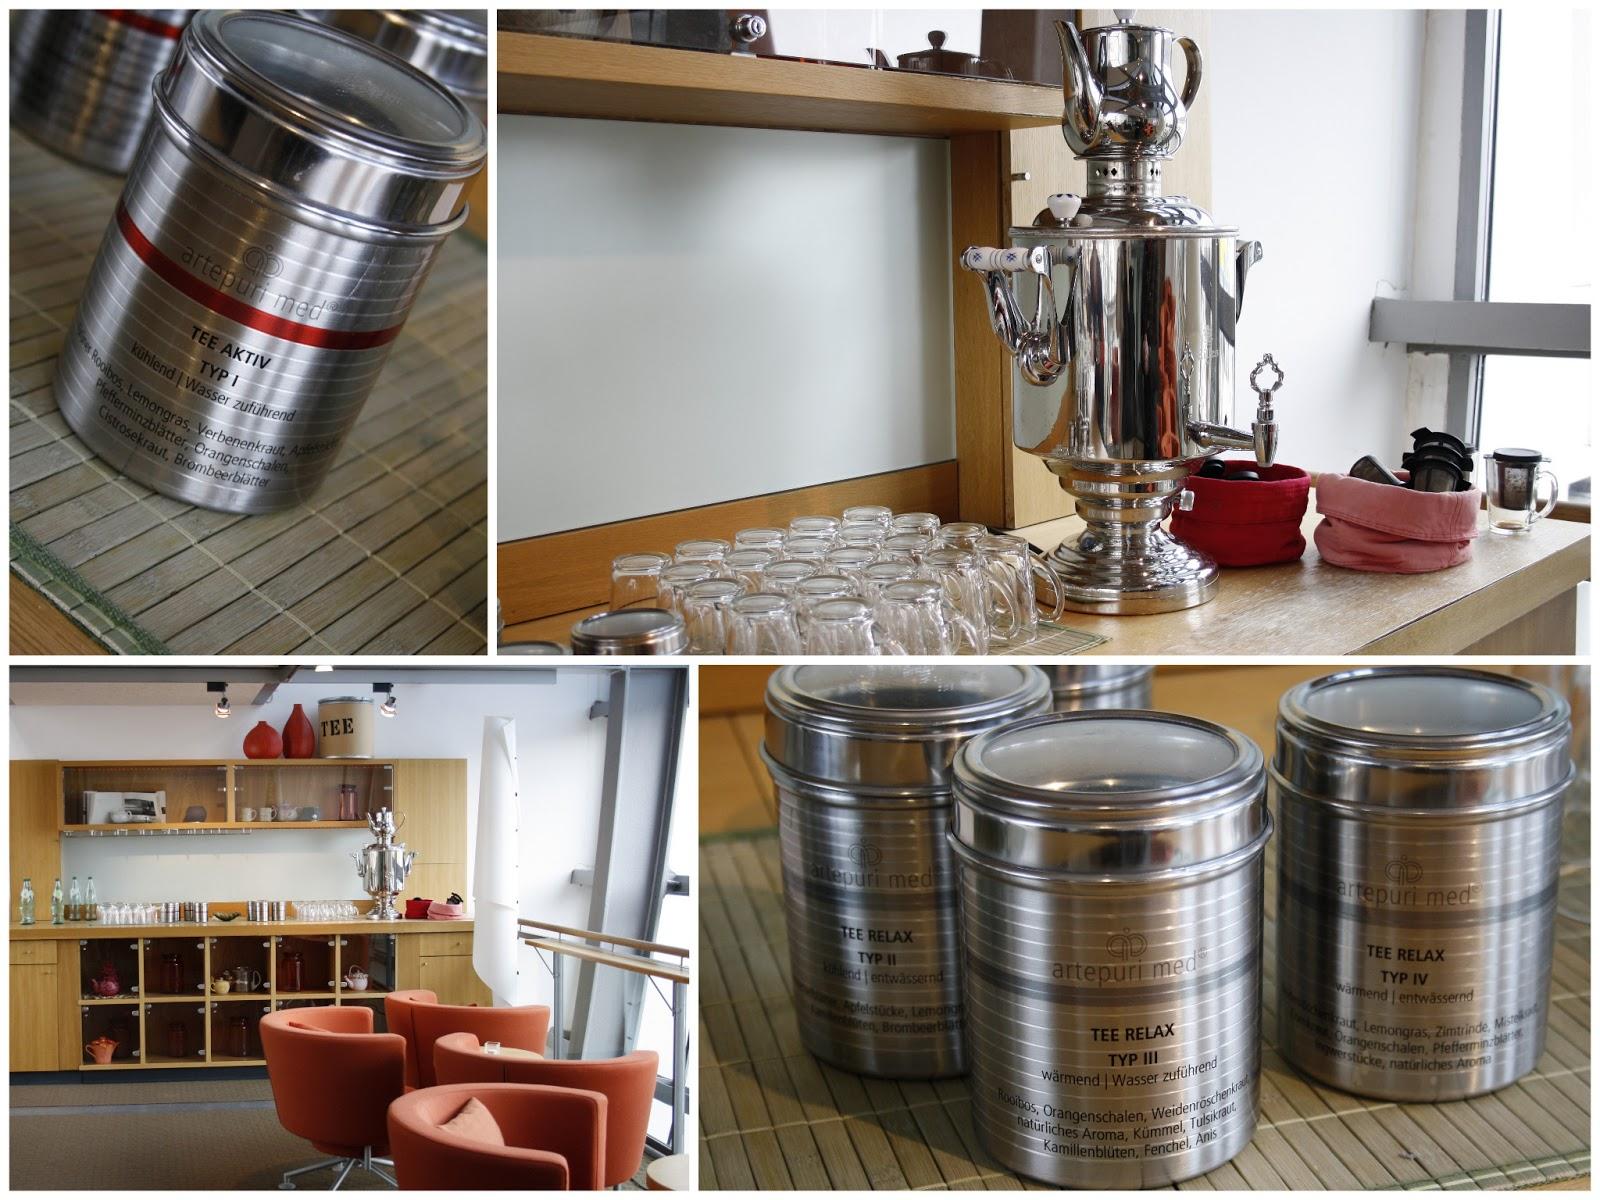 artepuri hotel meerSinn Binz Teebar